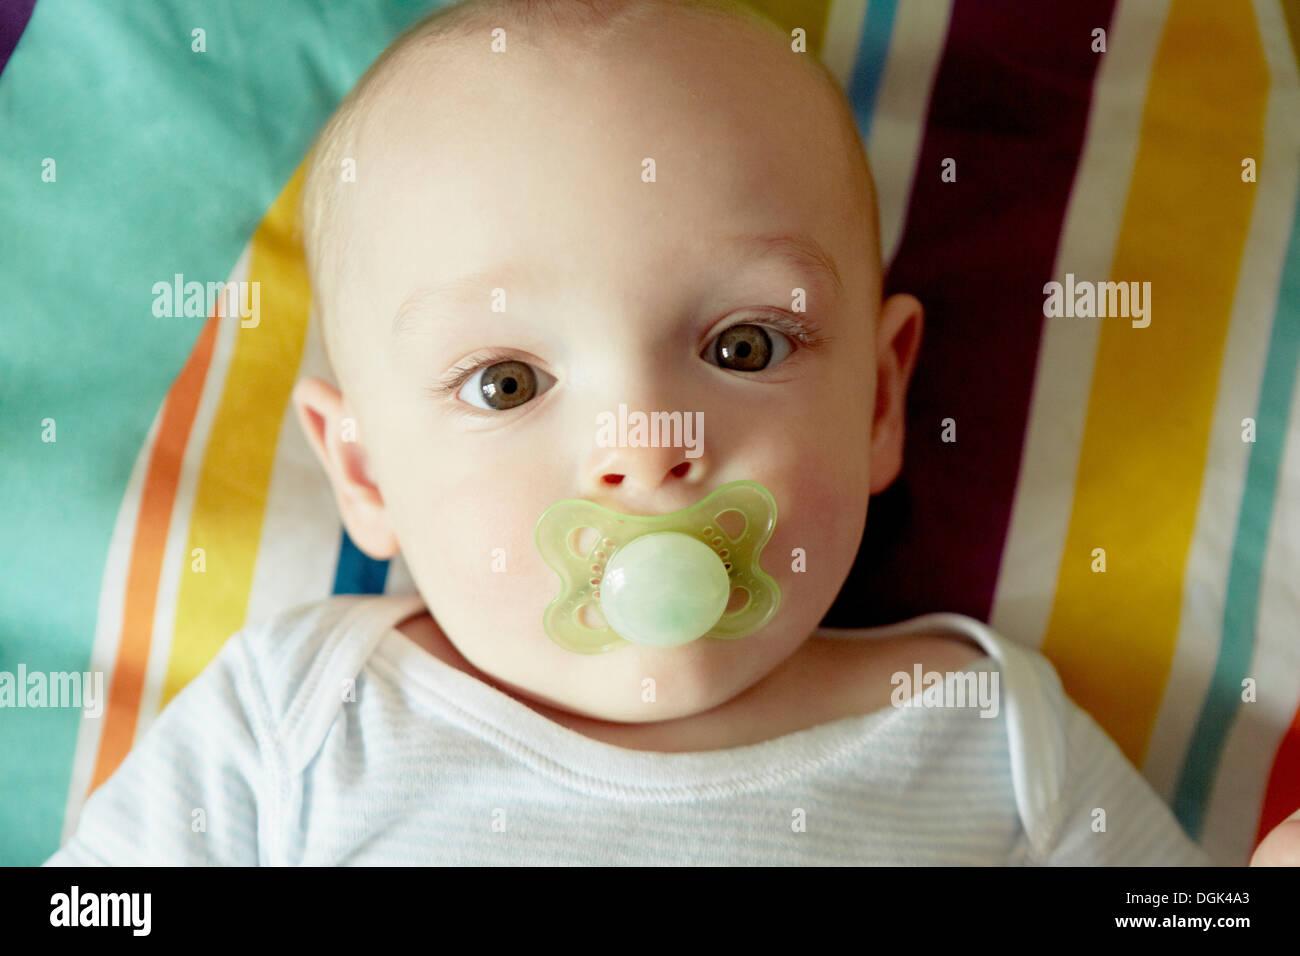 Porträt von Baby jungen saugen Schnuller Stockbild